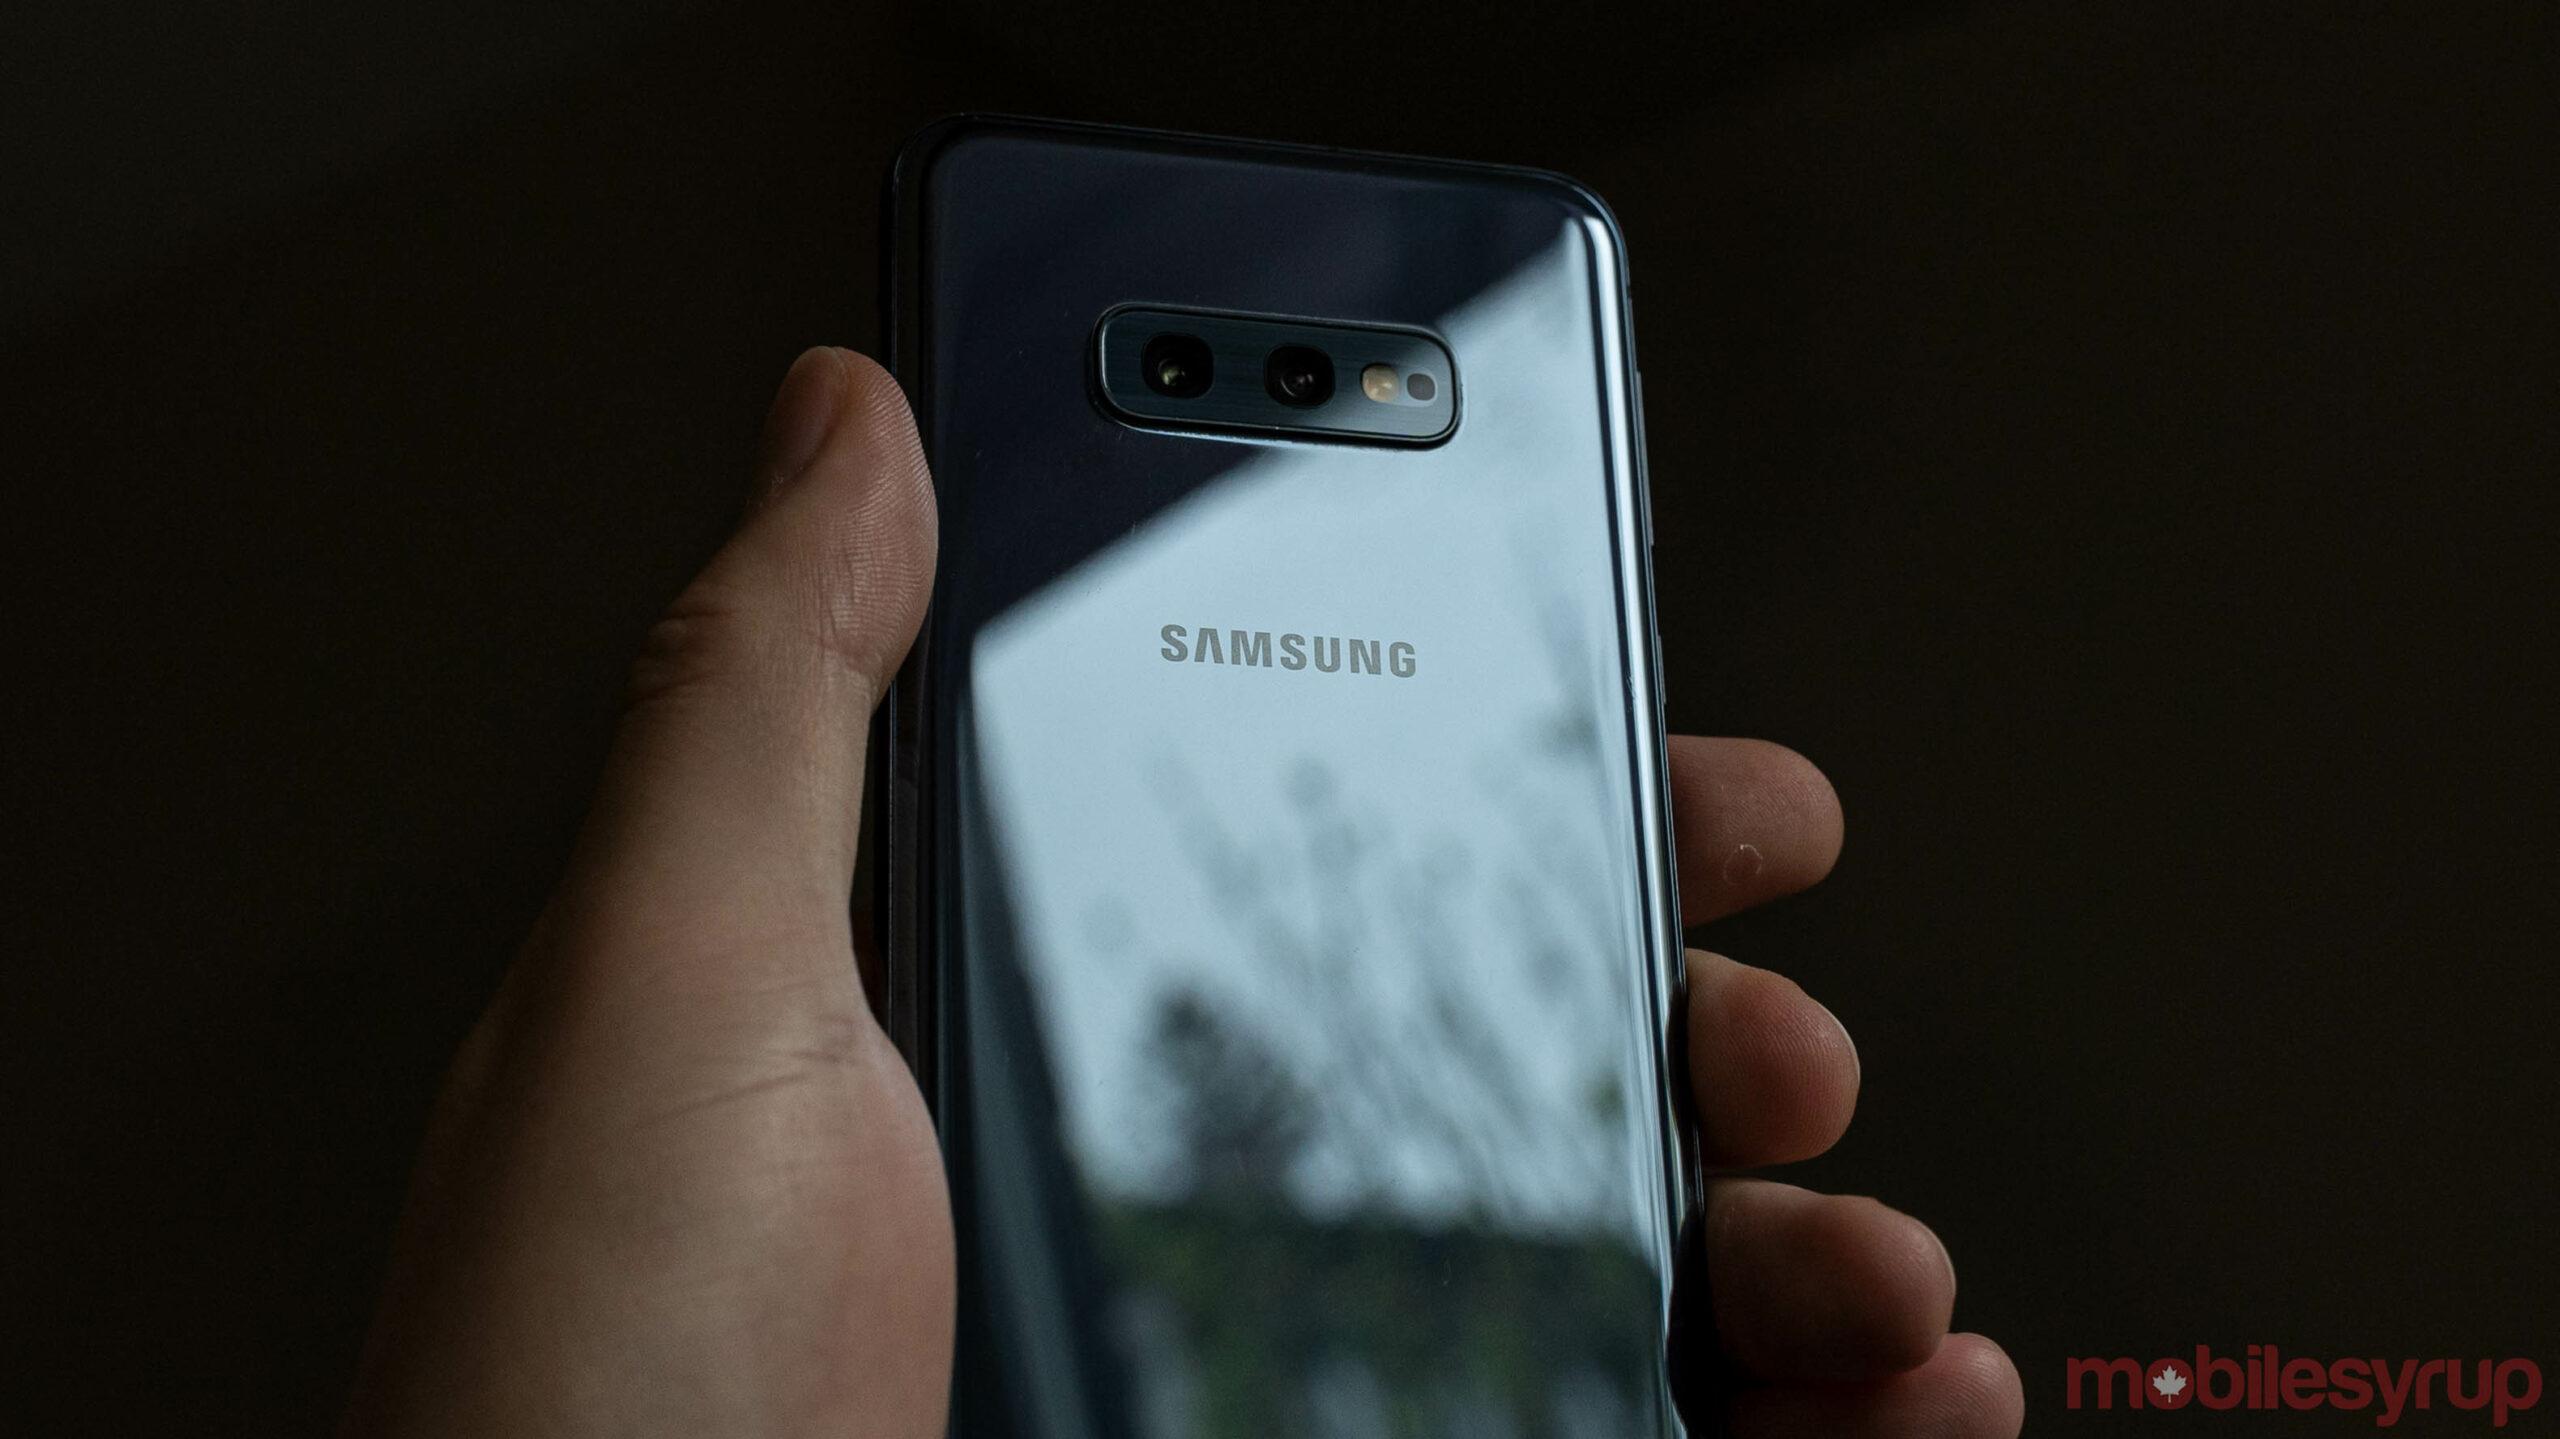 Samsung logo on a Galaxy smartphone